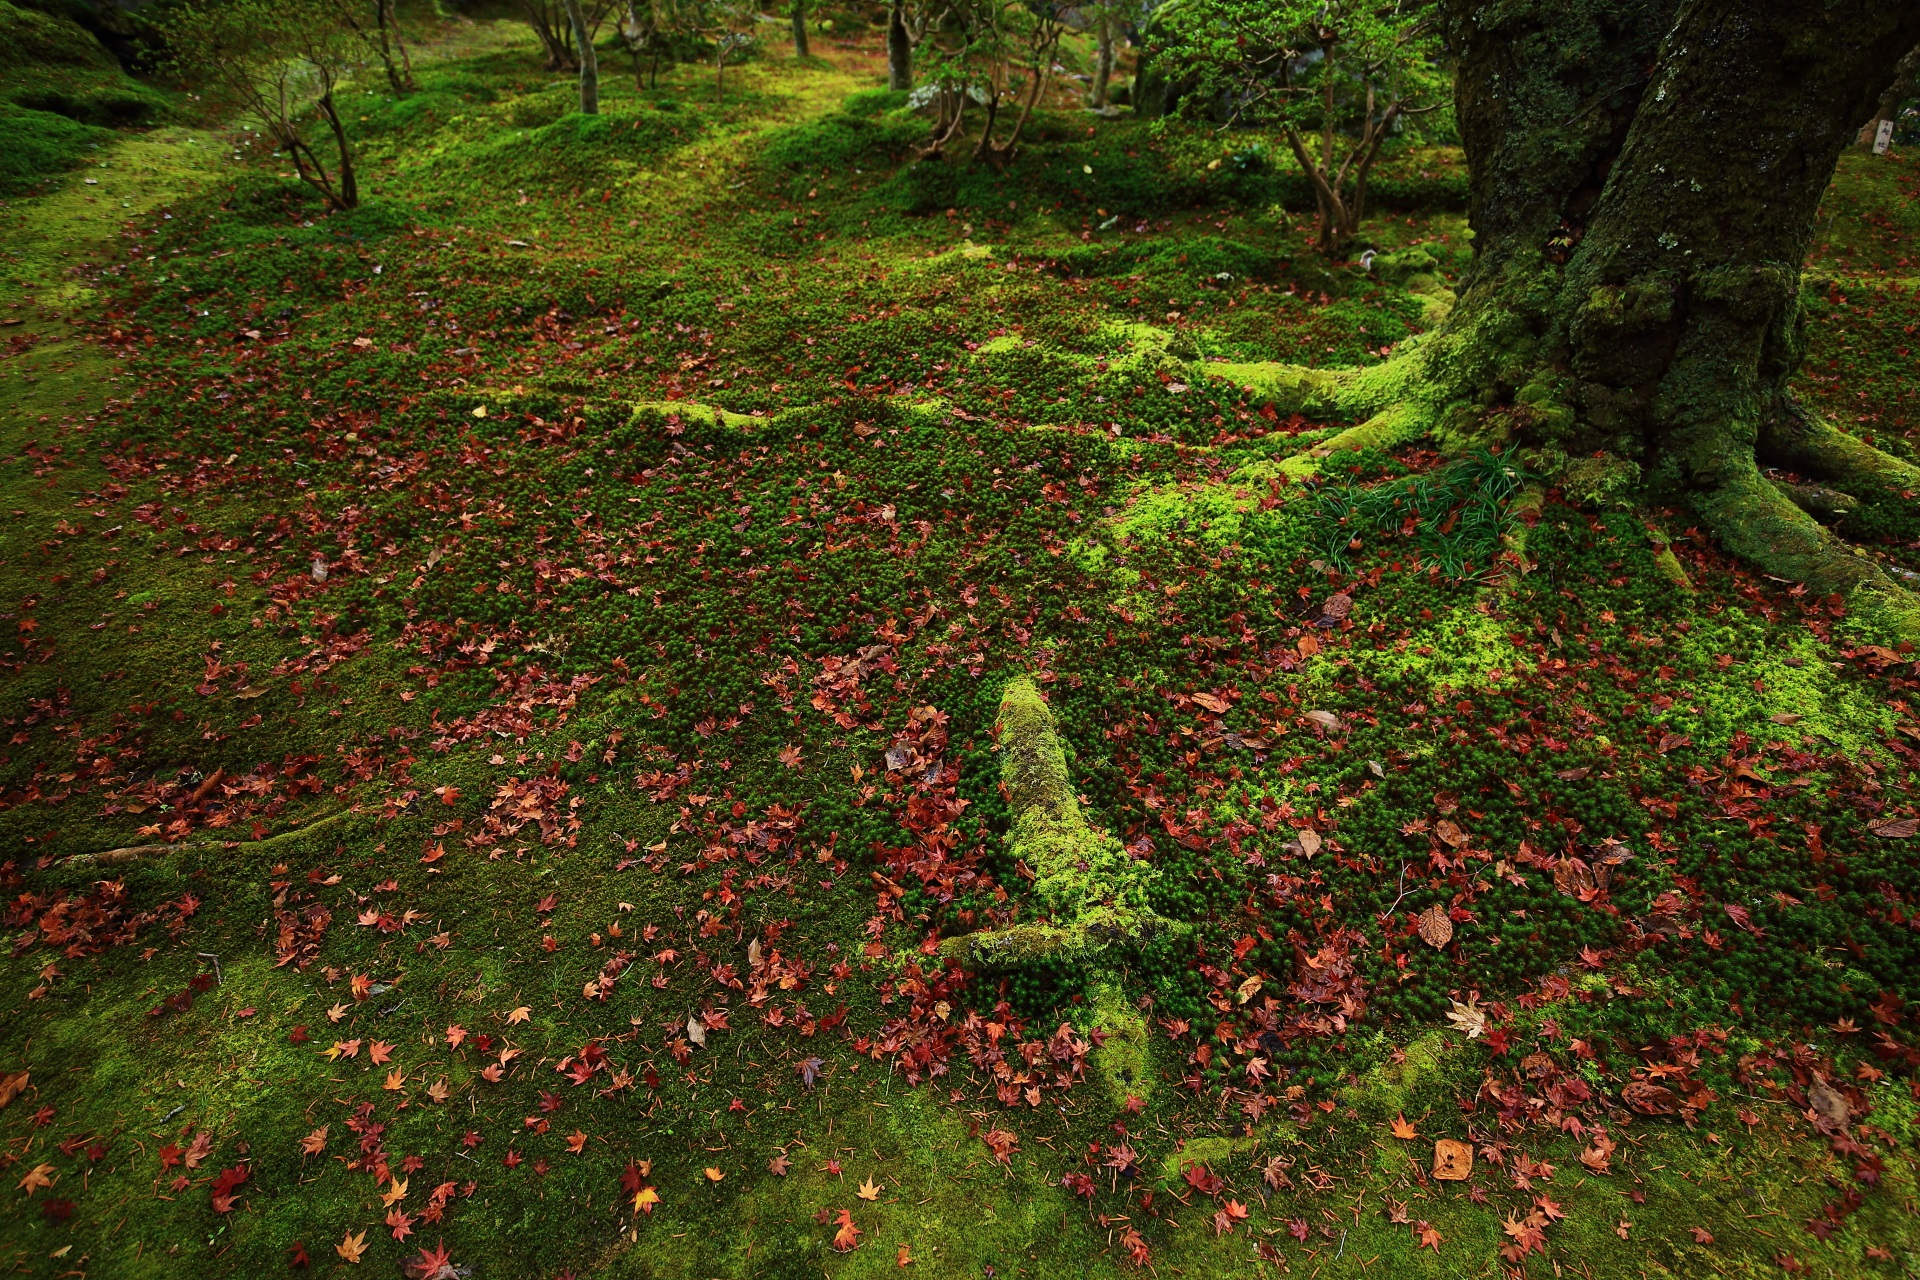 色合いや質感異なる霊鑑寺のたくさんの種類の苔